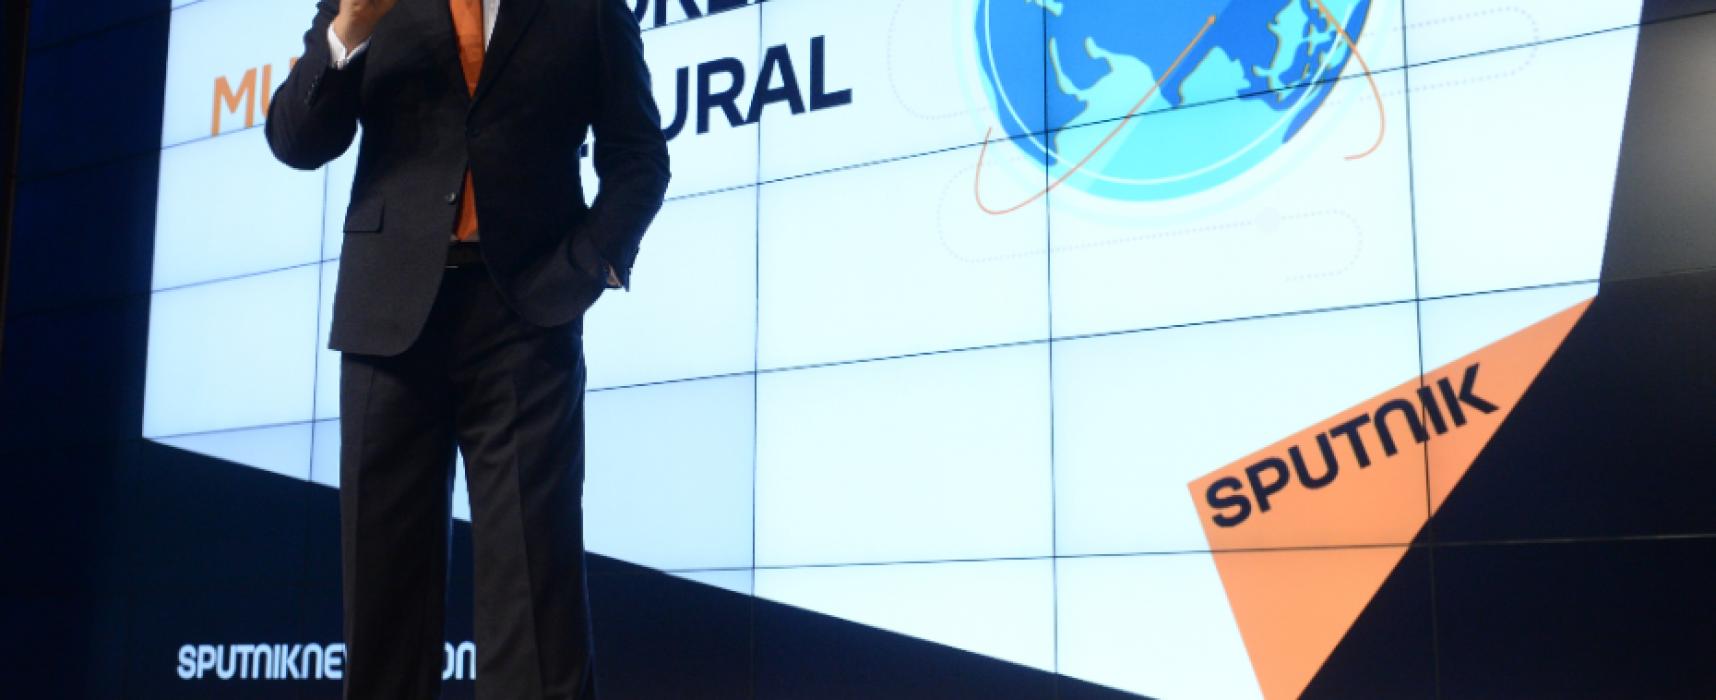 «Они будут работать под псевдонимами» — в Латвии запустили местную редакцию агентства «Спутник»